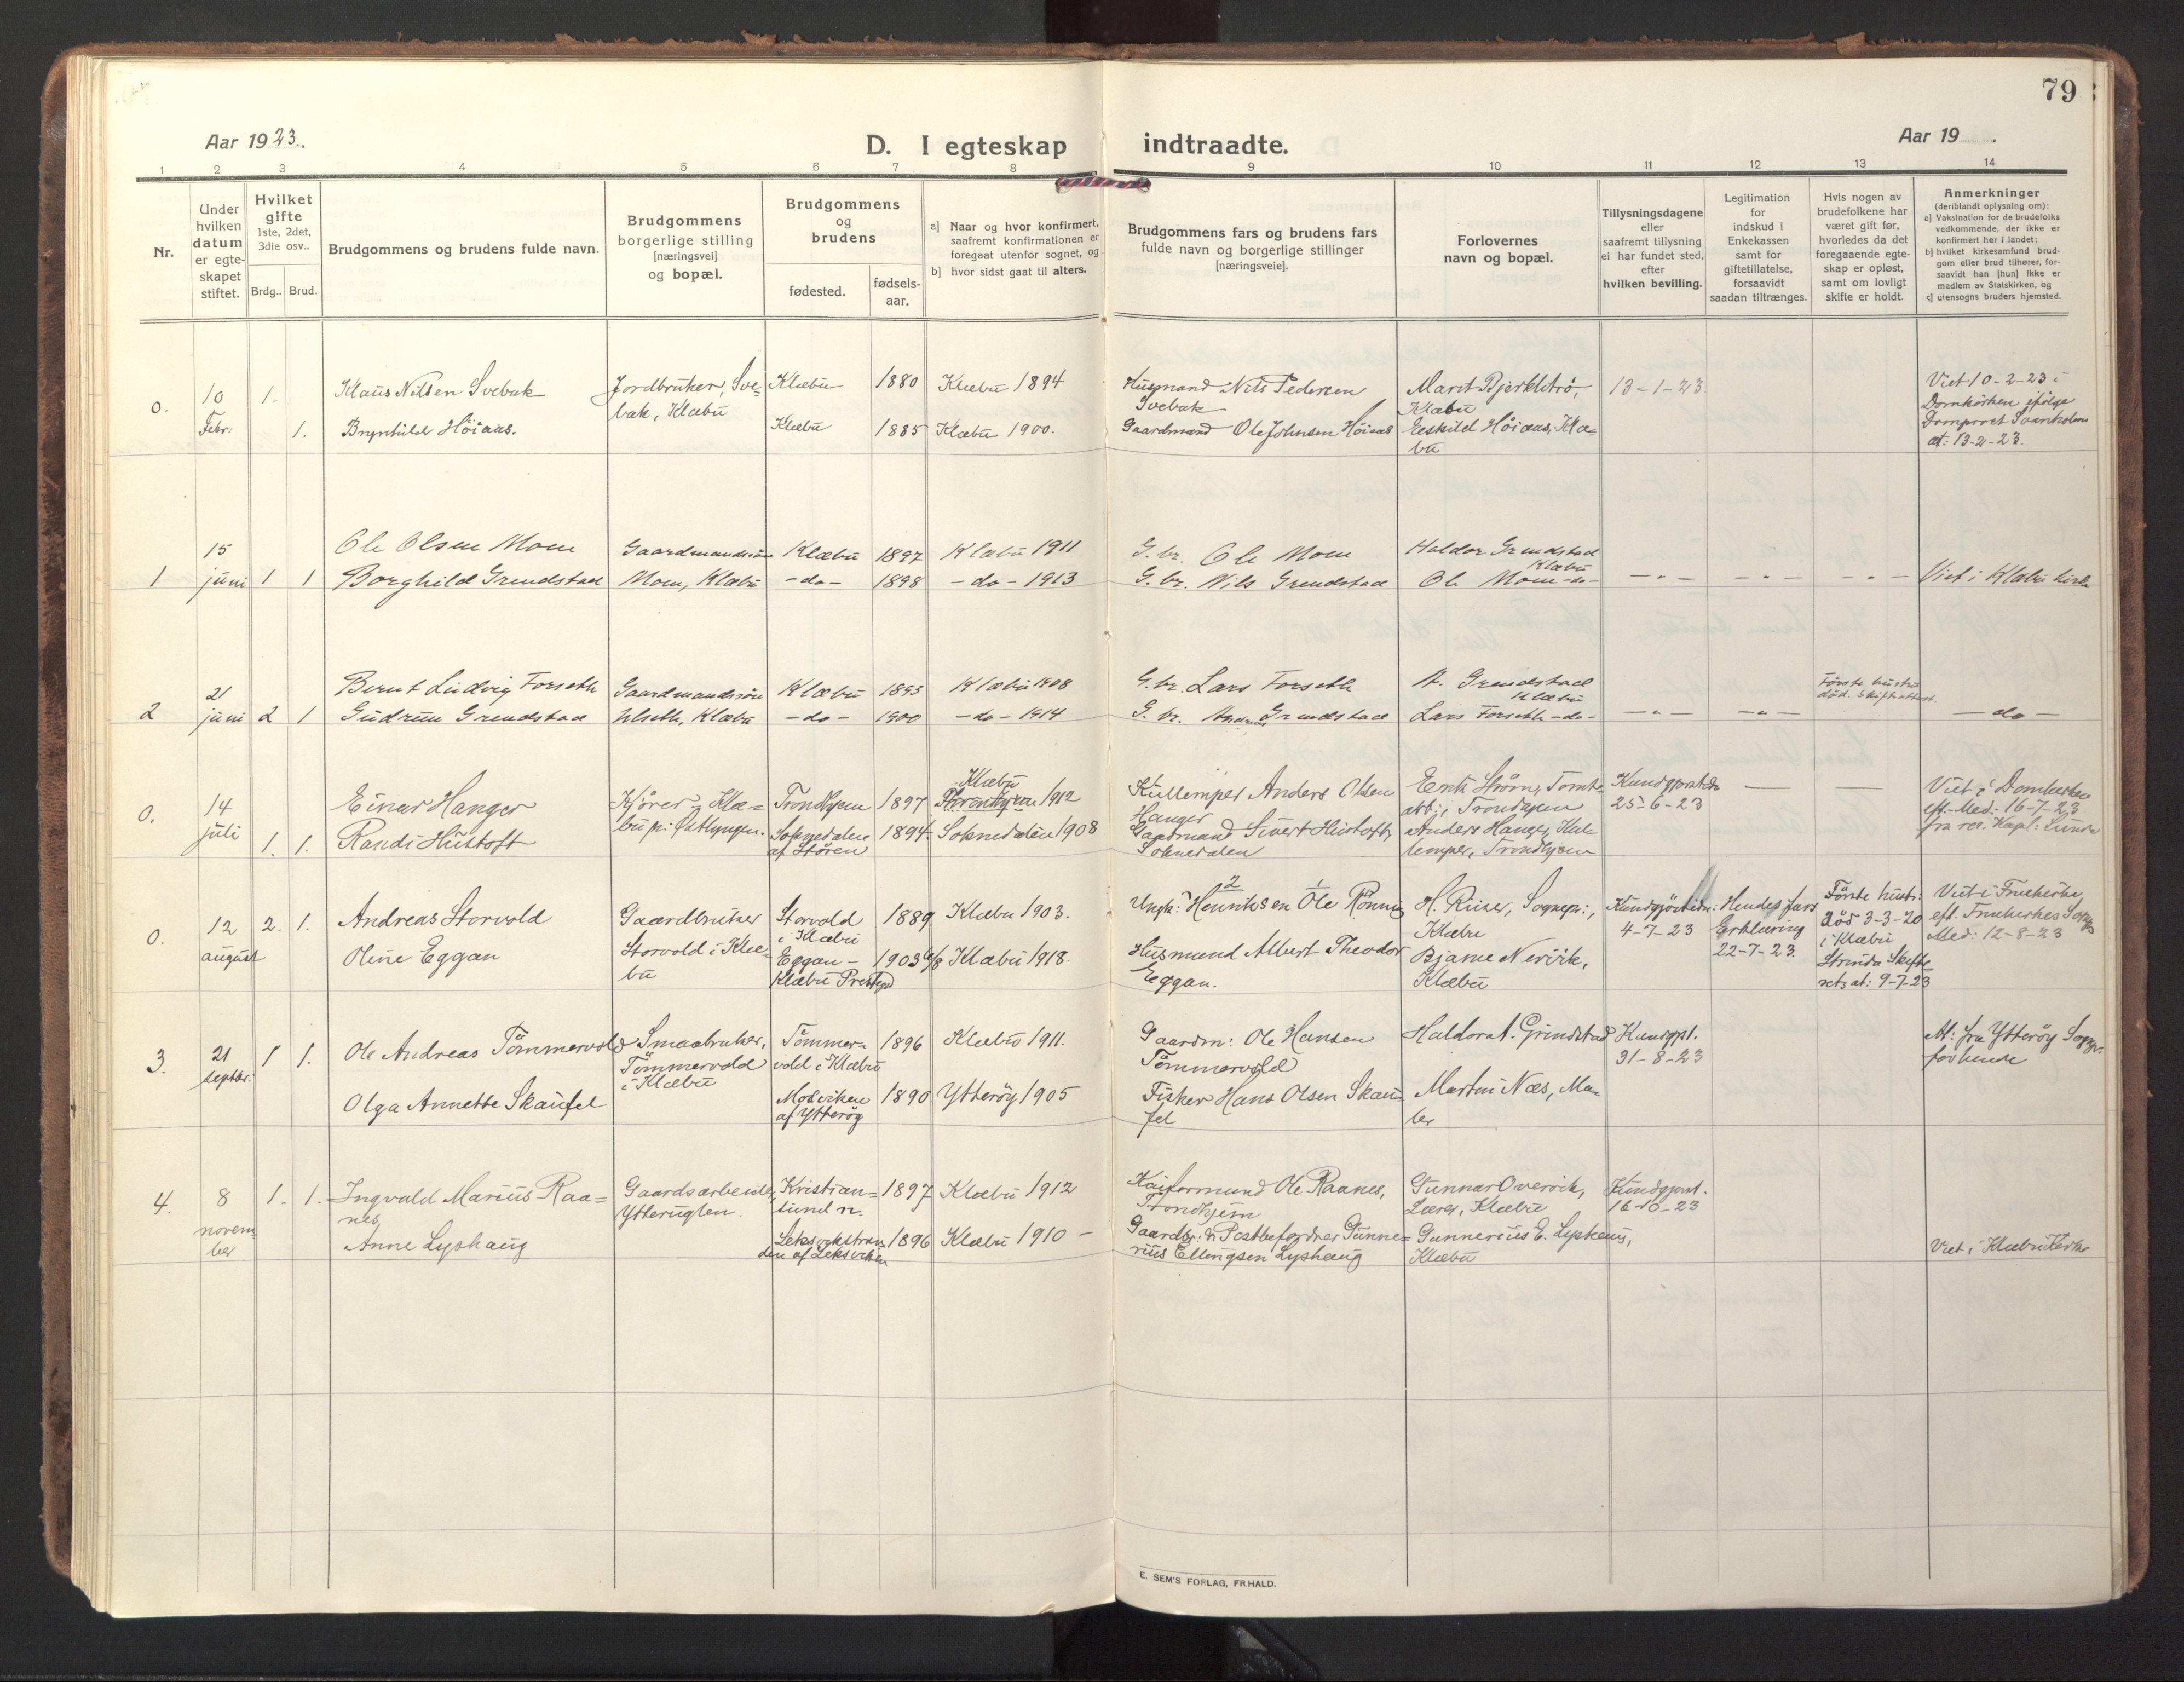 SAT, Ministerialprotokoller, klokkerbøker og fødselsregistre - Sør-Trøndelag, 618/L0449: Ministerialbok nr. 618A12, 1917-1924, s. 79